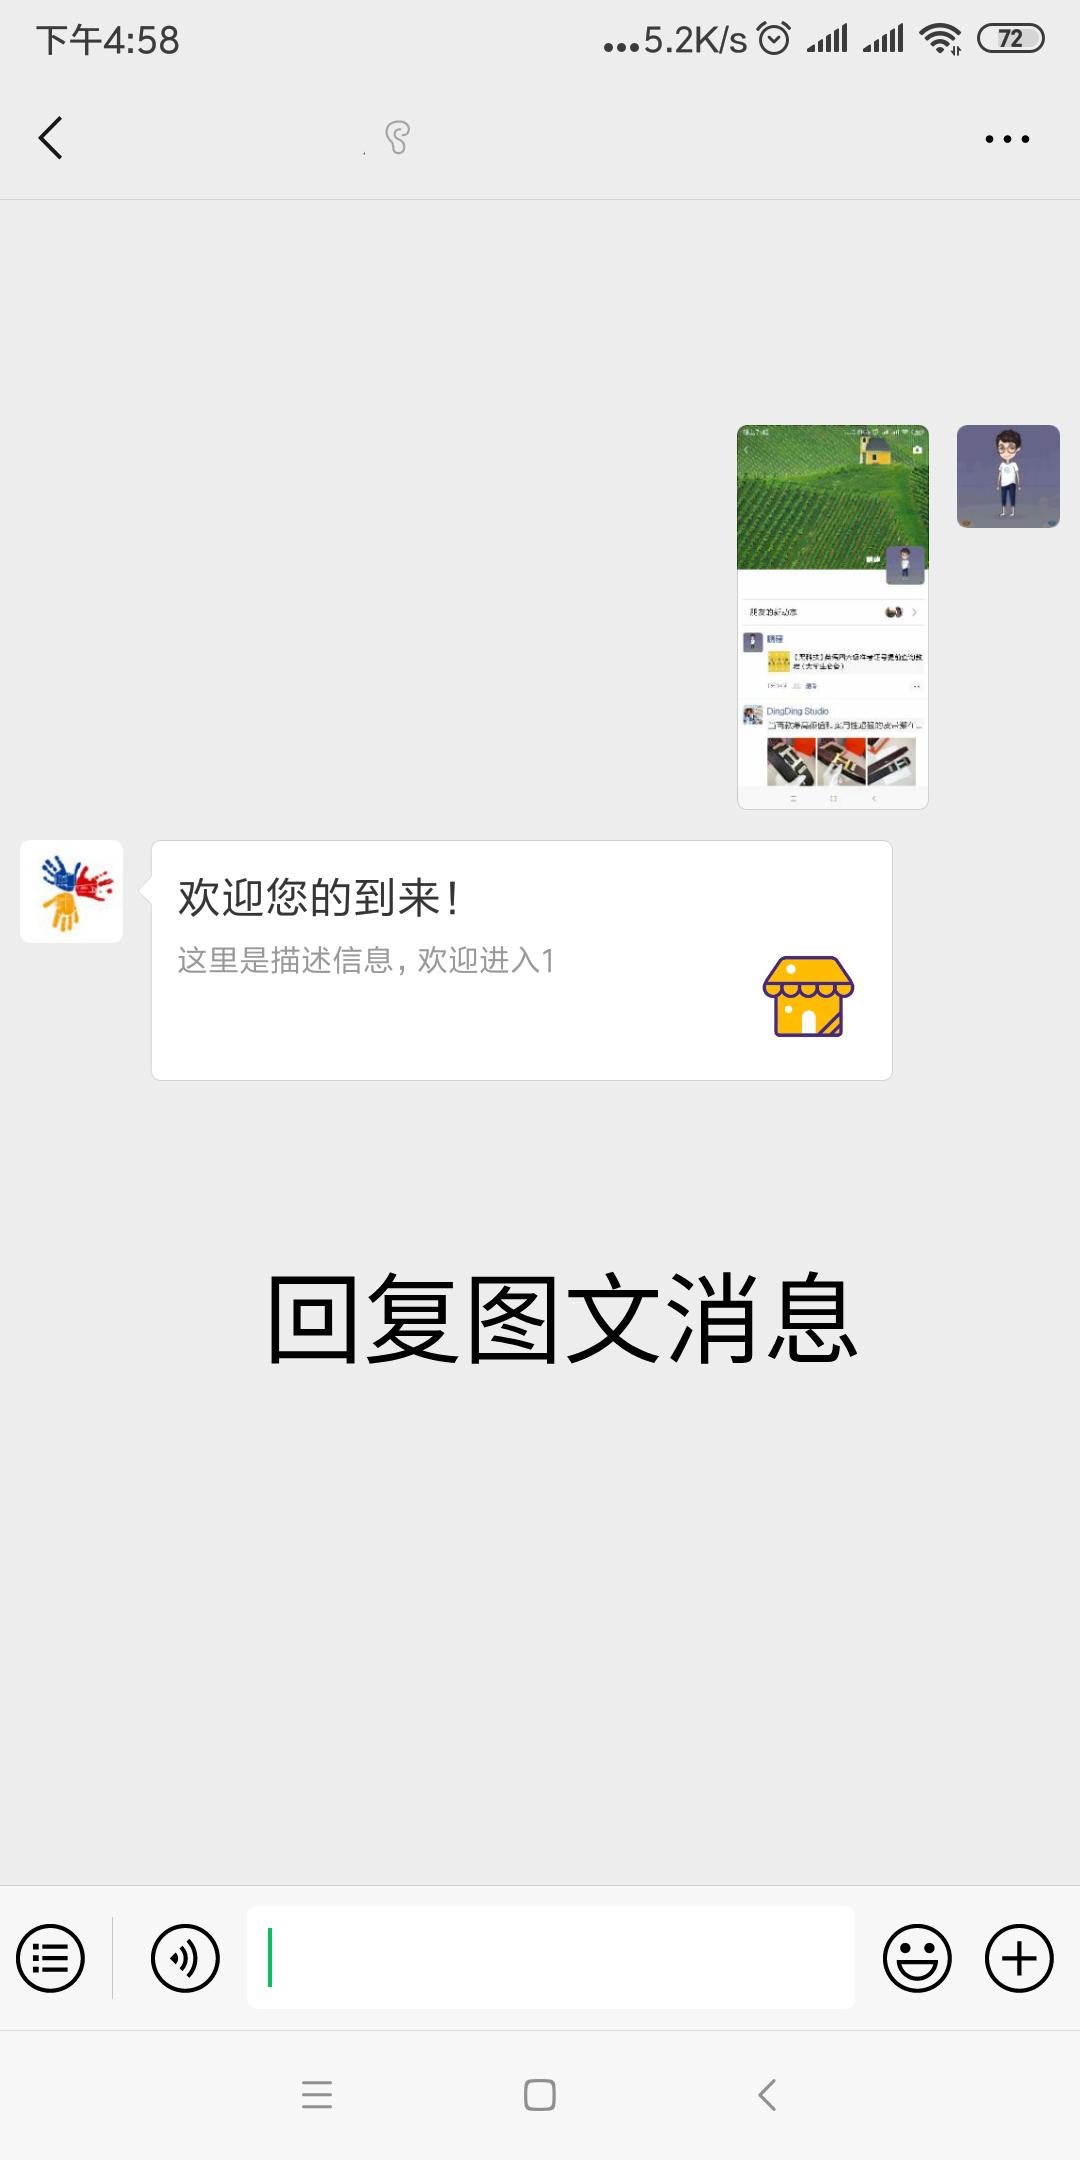 图文(1).png